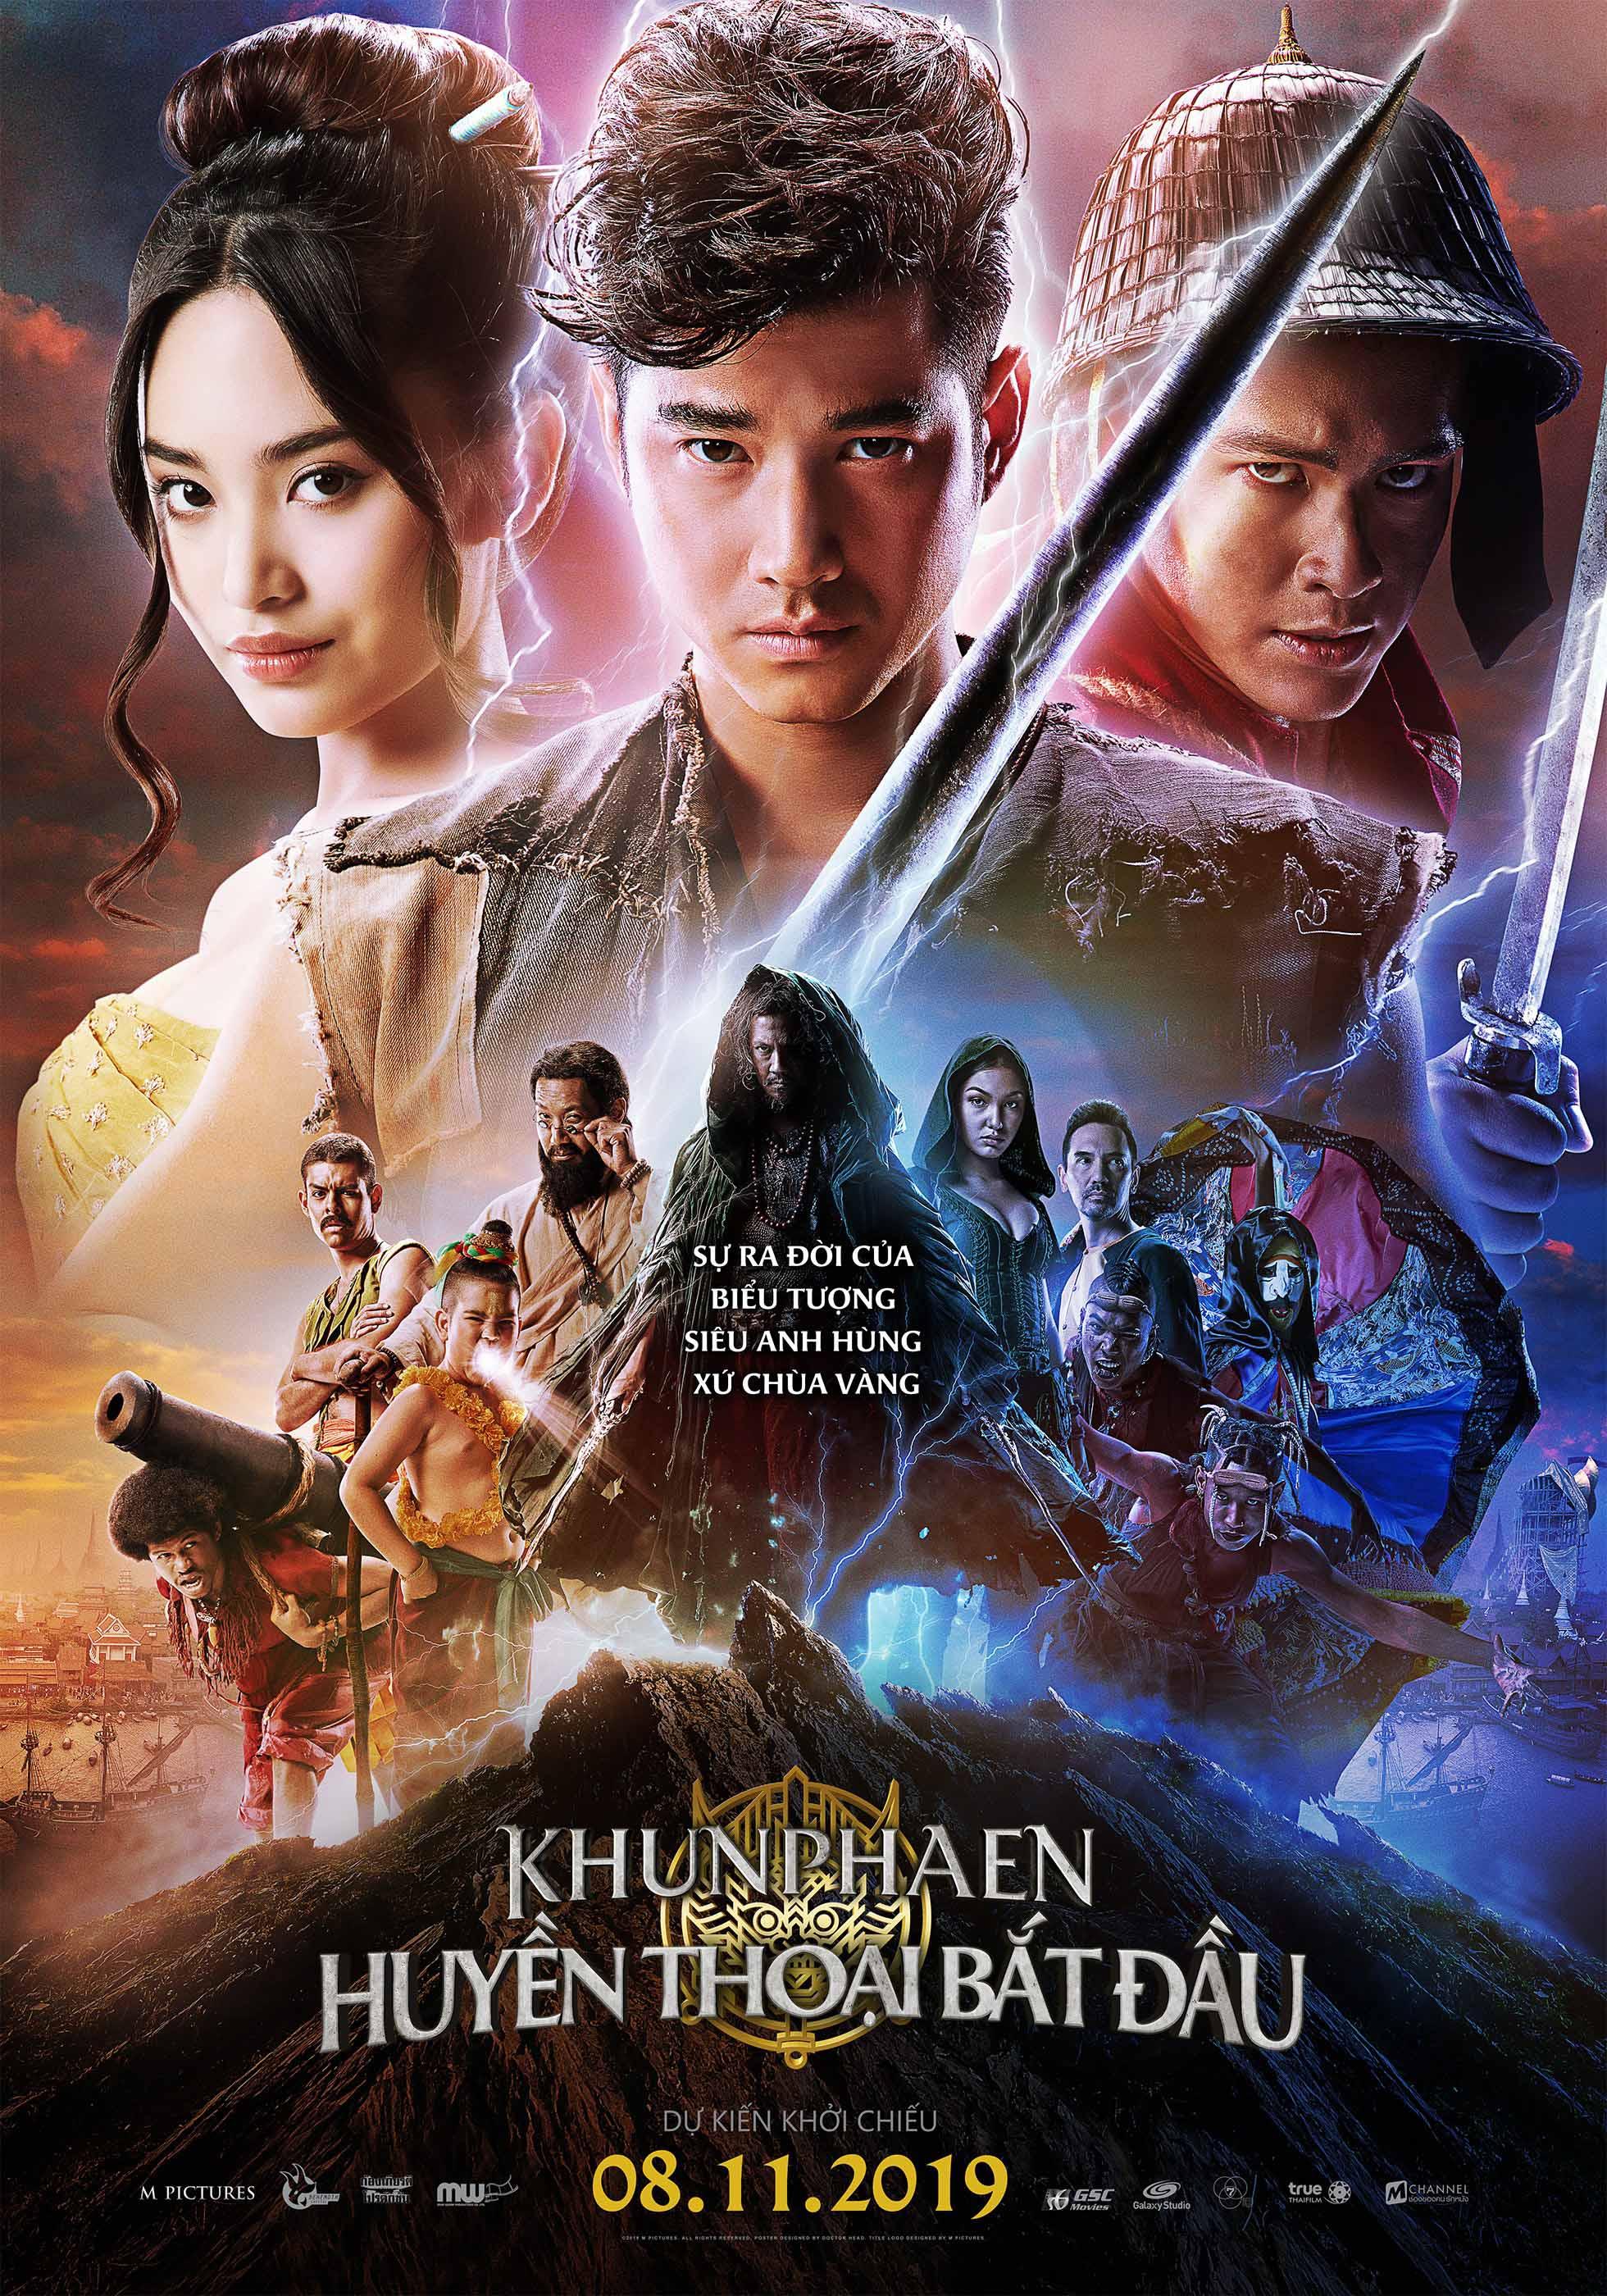 Khun Phaen huyền thoại bắt đầu